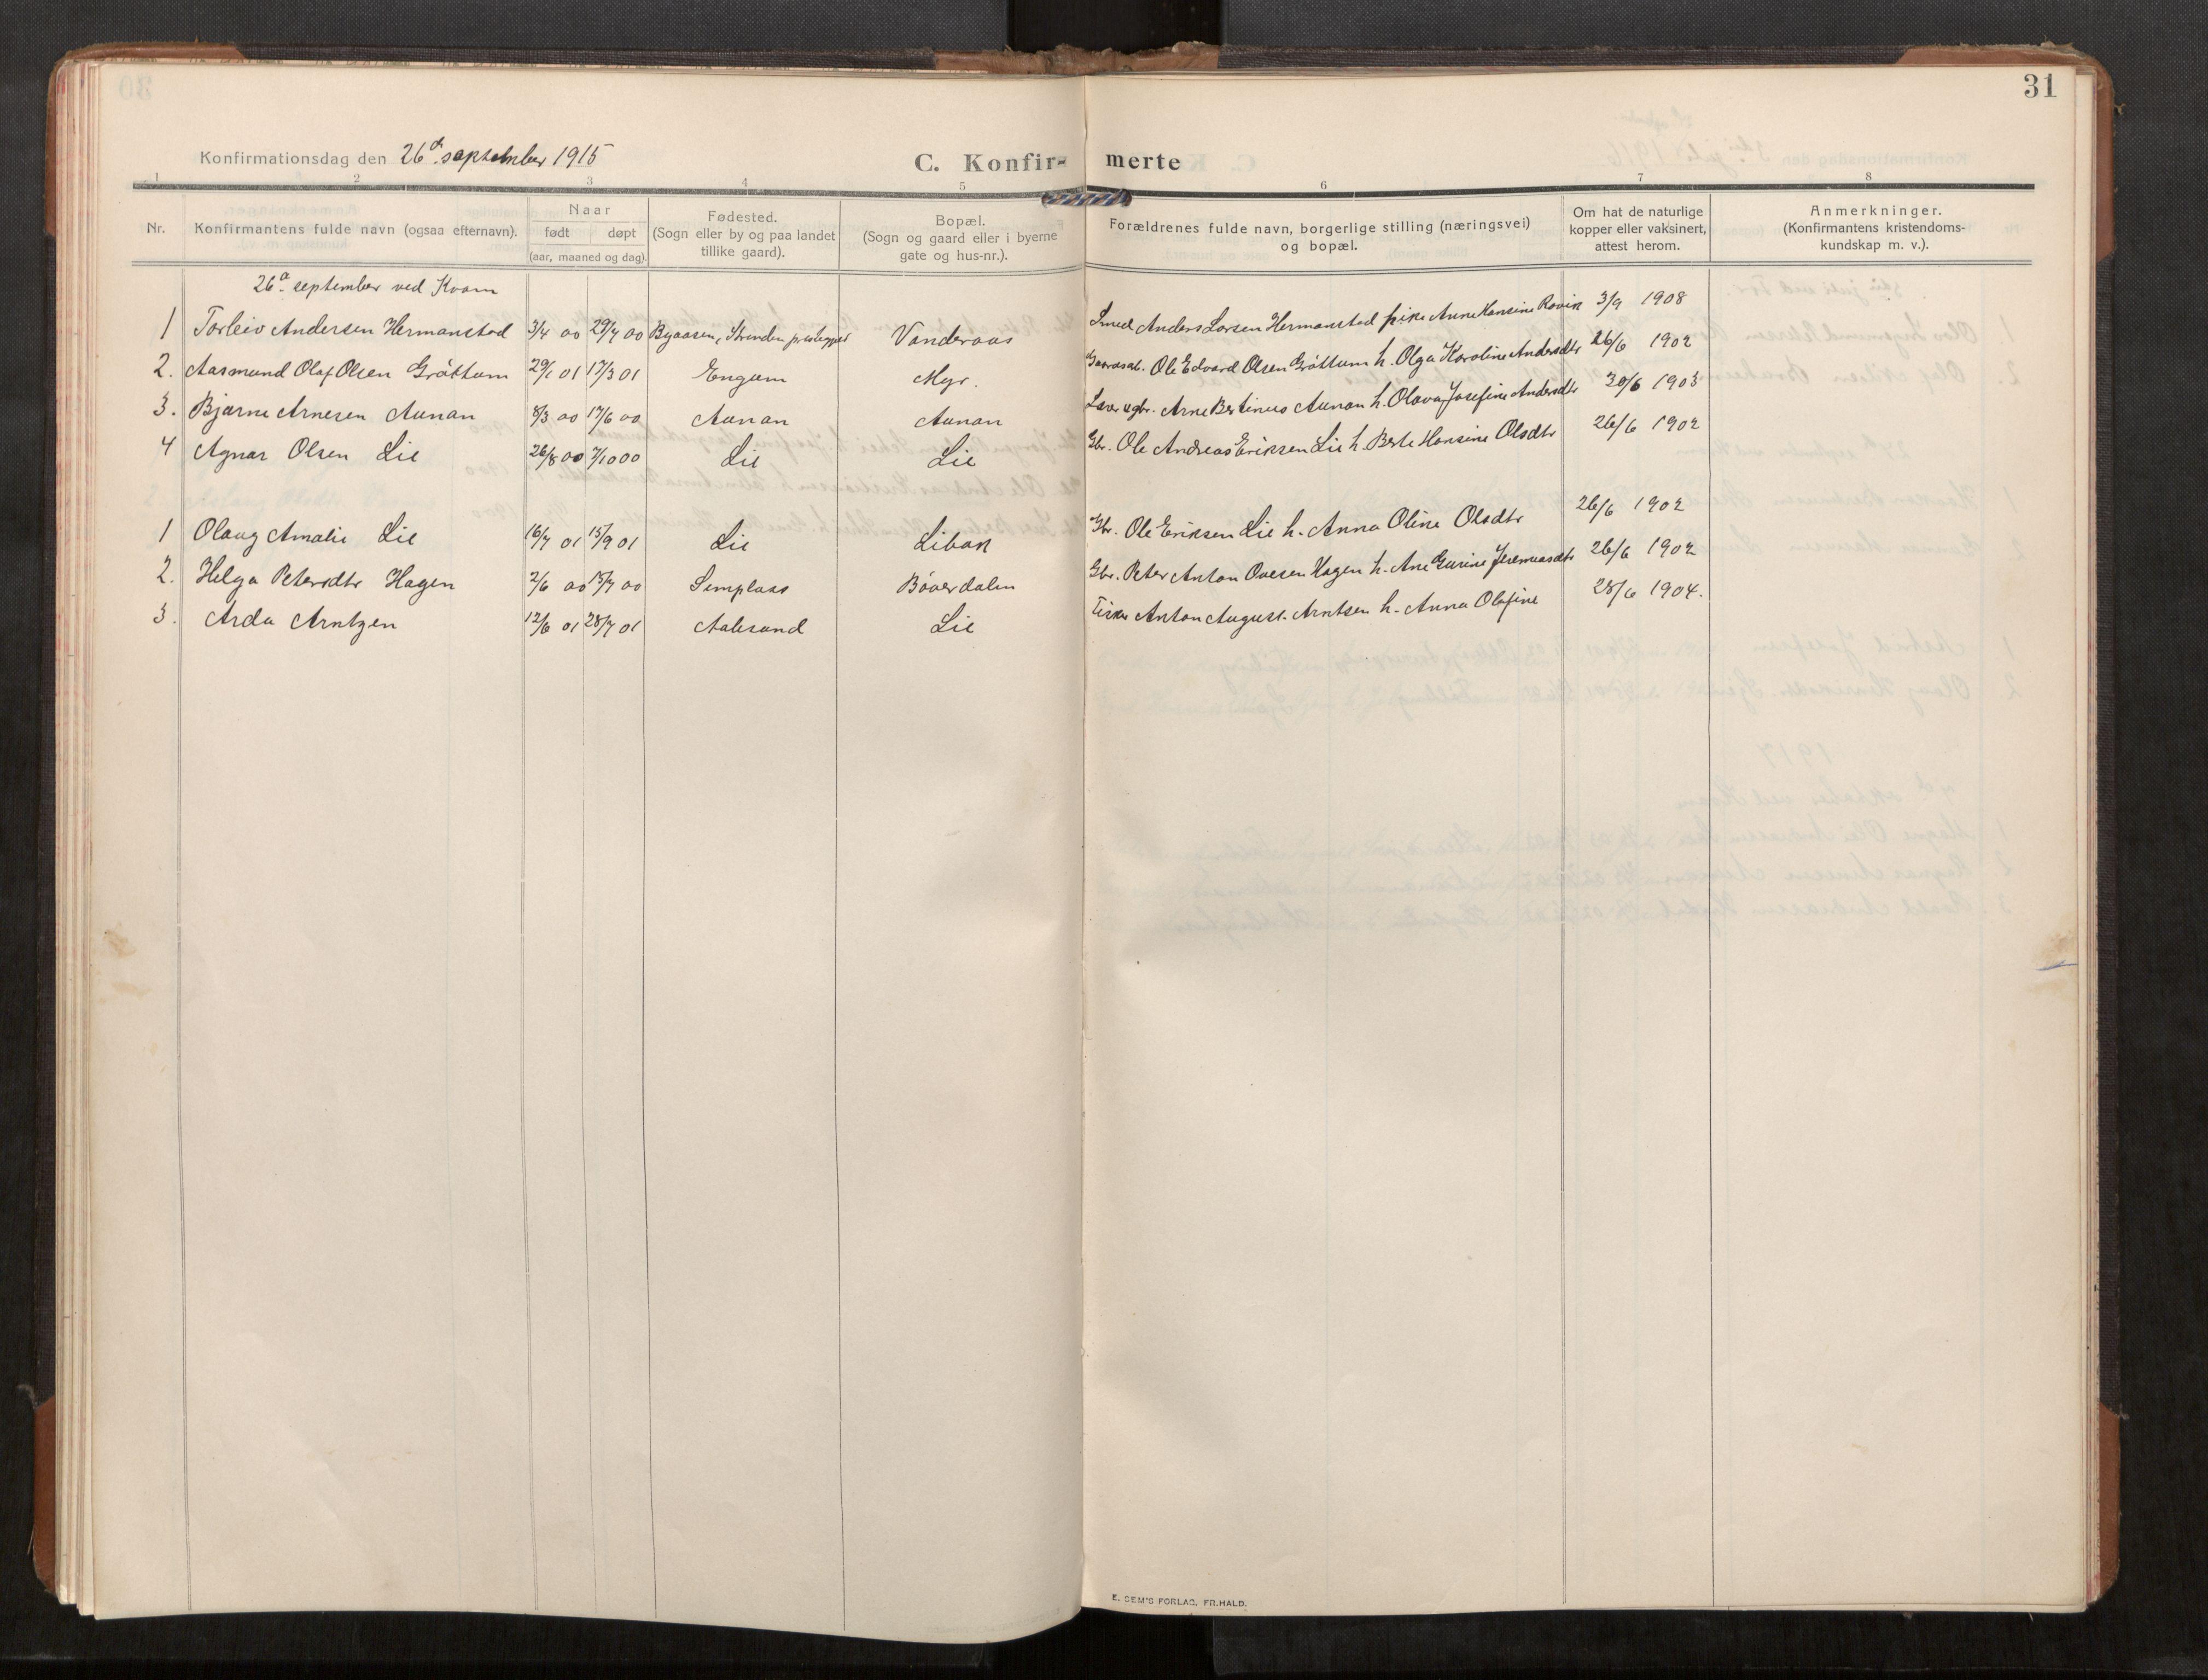 SAT, Stod sokneprestkontor, I/I1/I1a/L0003: Parish register (official) no. 3, 1909-1934, p. 31